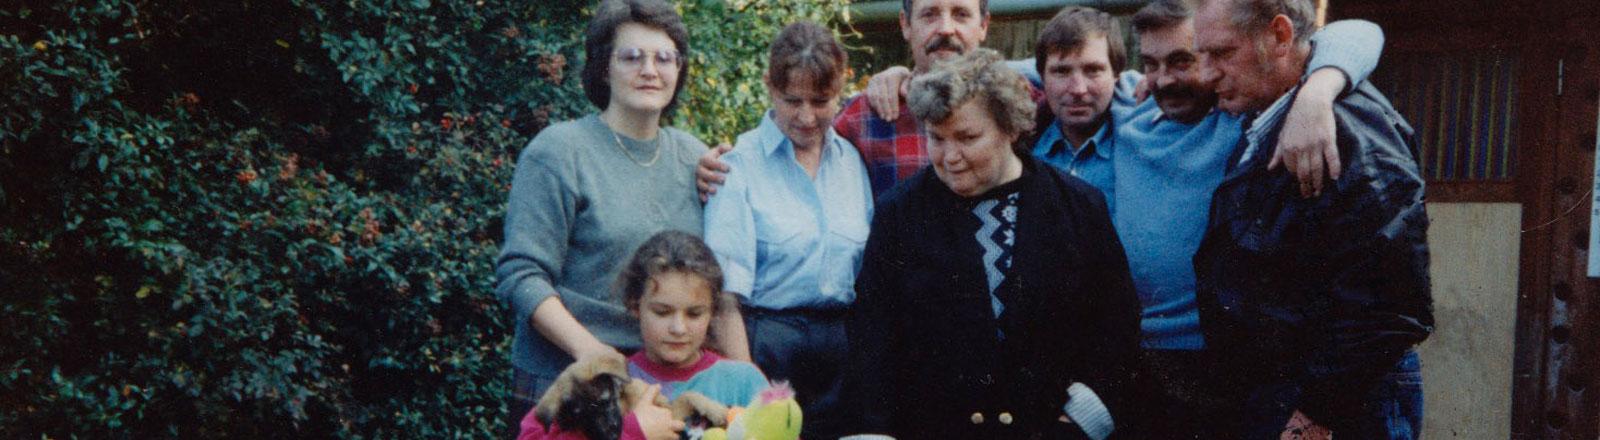 Nadya, Larissa (Nadyas Mutter), Petra (hellblaue Bluse), Viktor (Nadyas Vater), Irma, Hansi, Siegfried (Petras Mann) und Dieter (ein Bekannter)